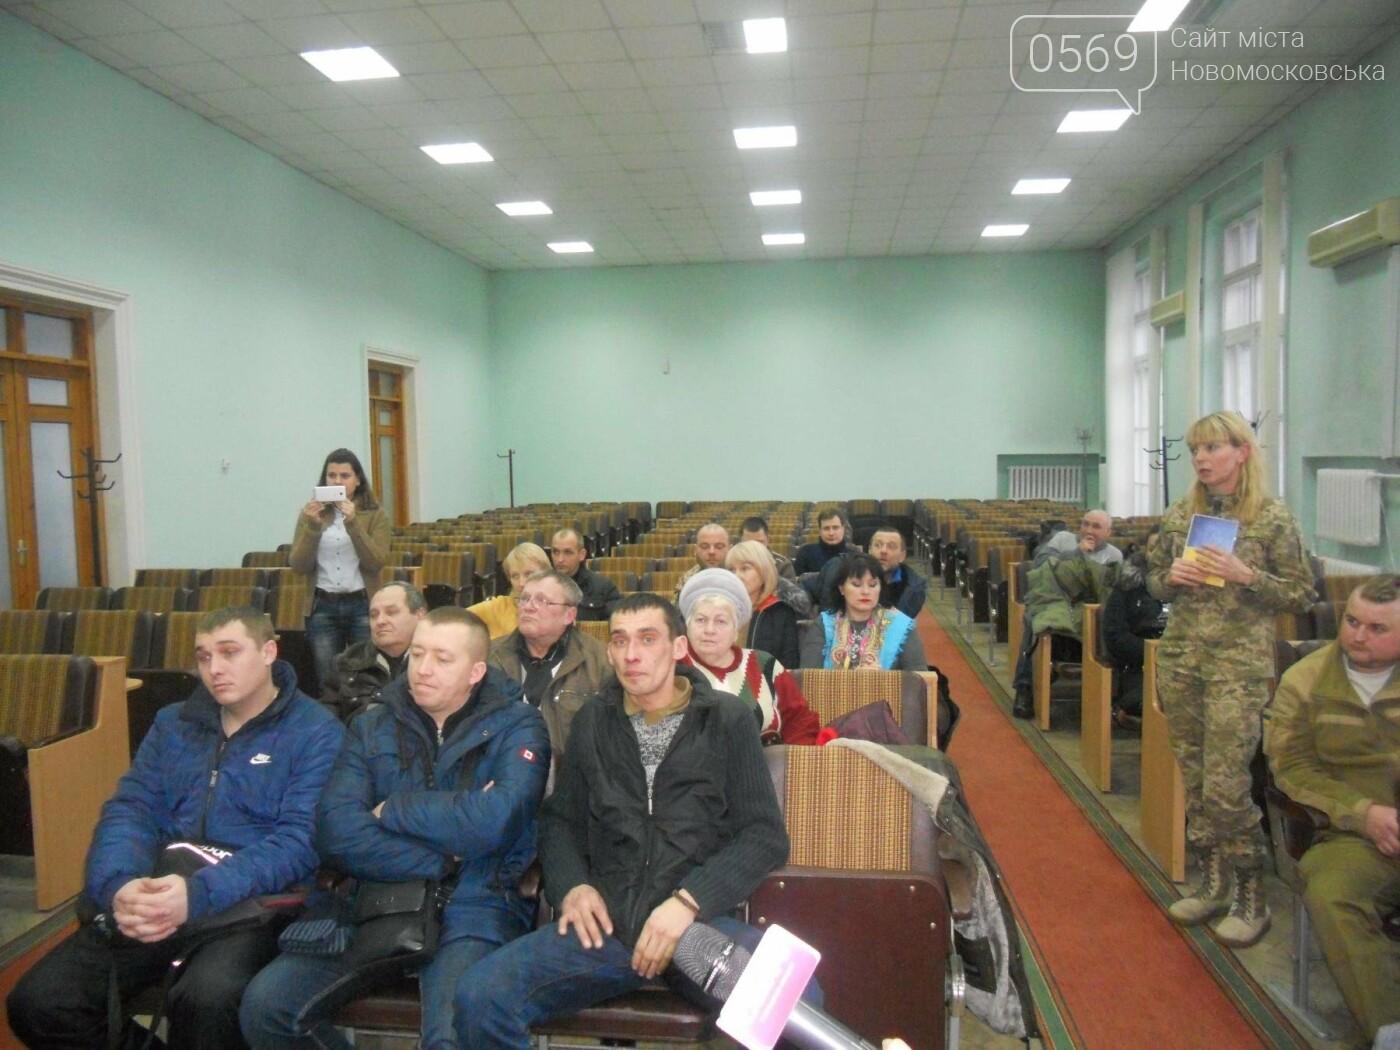 В Новомосковську вимагали нарешті встановити меморіал загиблим в АТО , фото-4